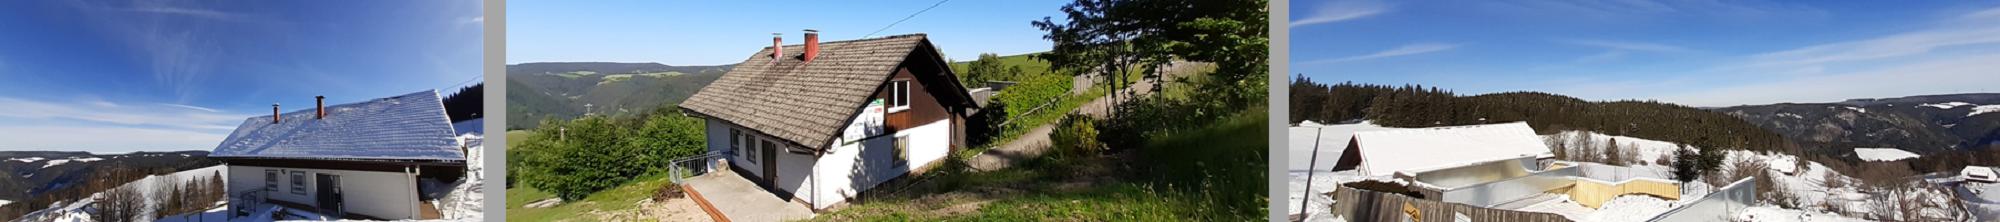 SSV-Schonach